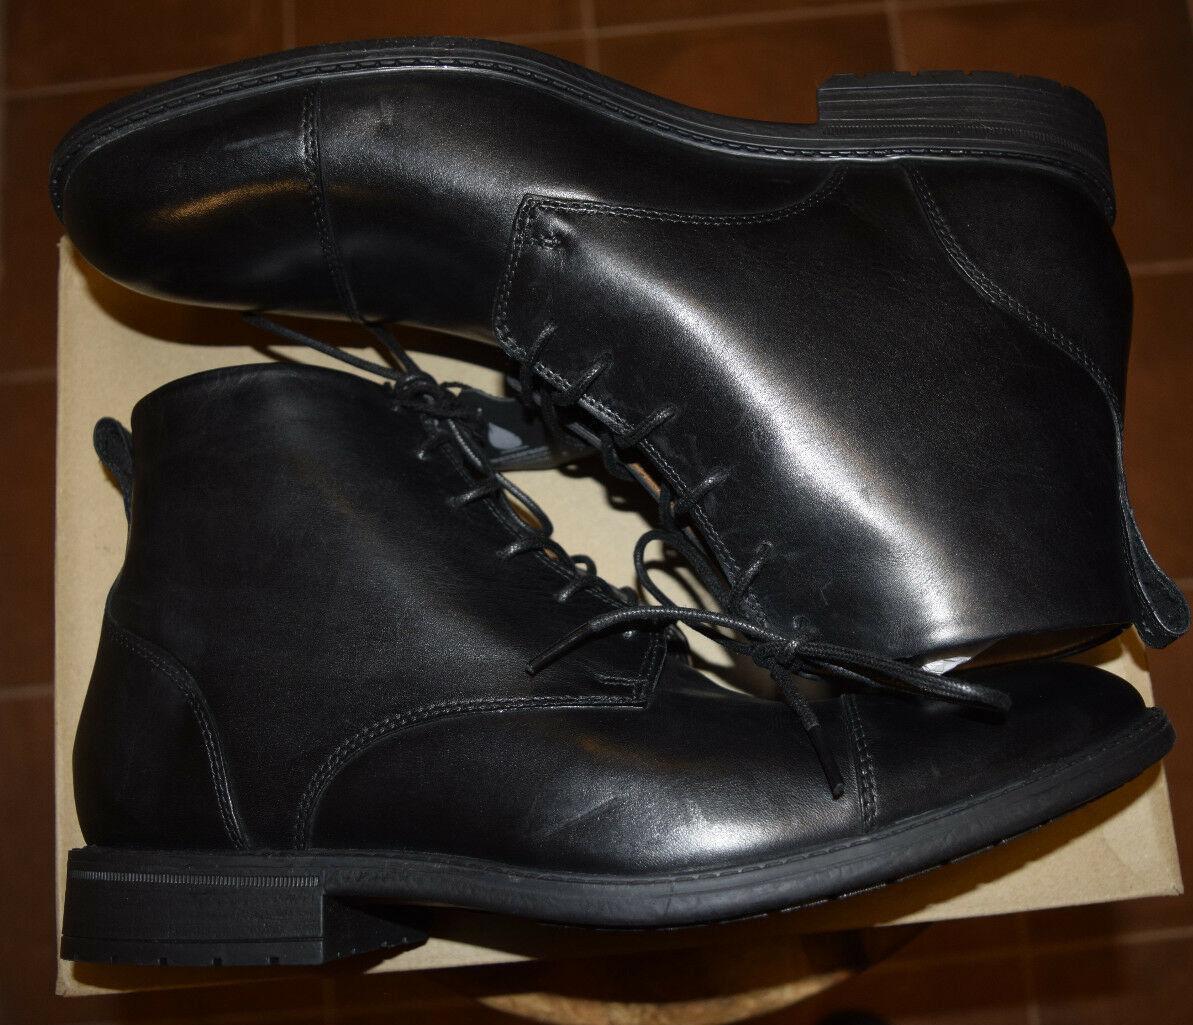 Hombres-Clarks-Truxton alta 26128736-Diseñador-Negro-Cuero - Zapatos-botas - 12-New-Box